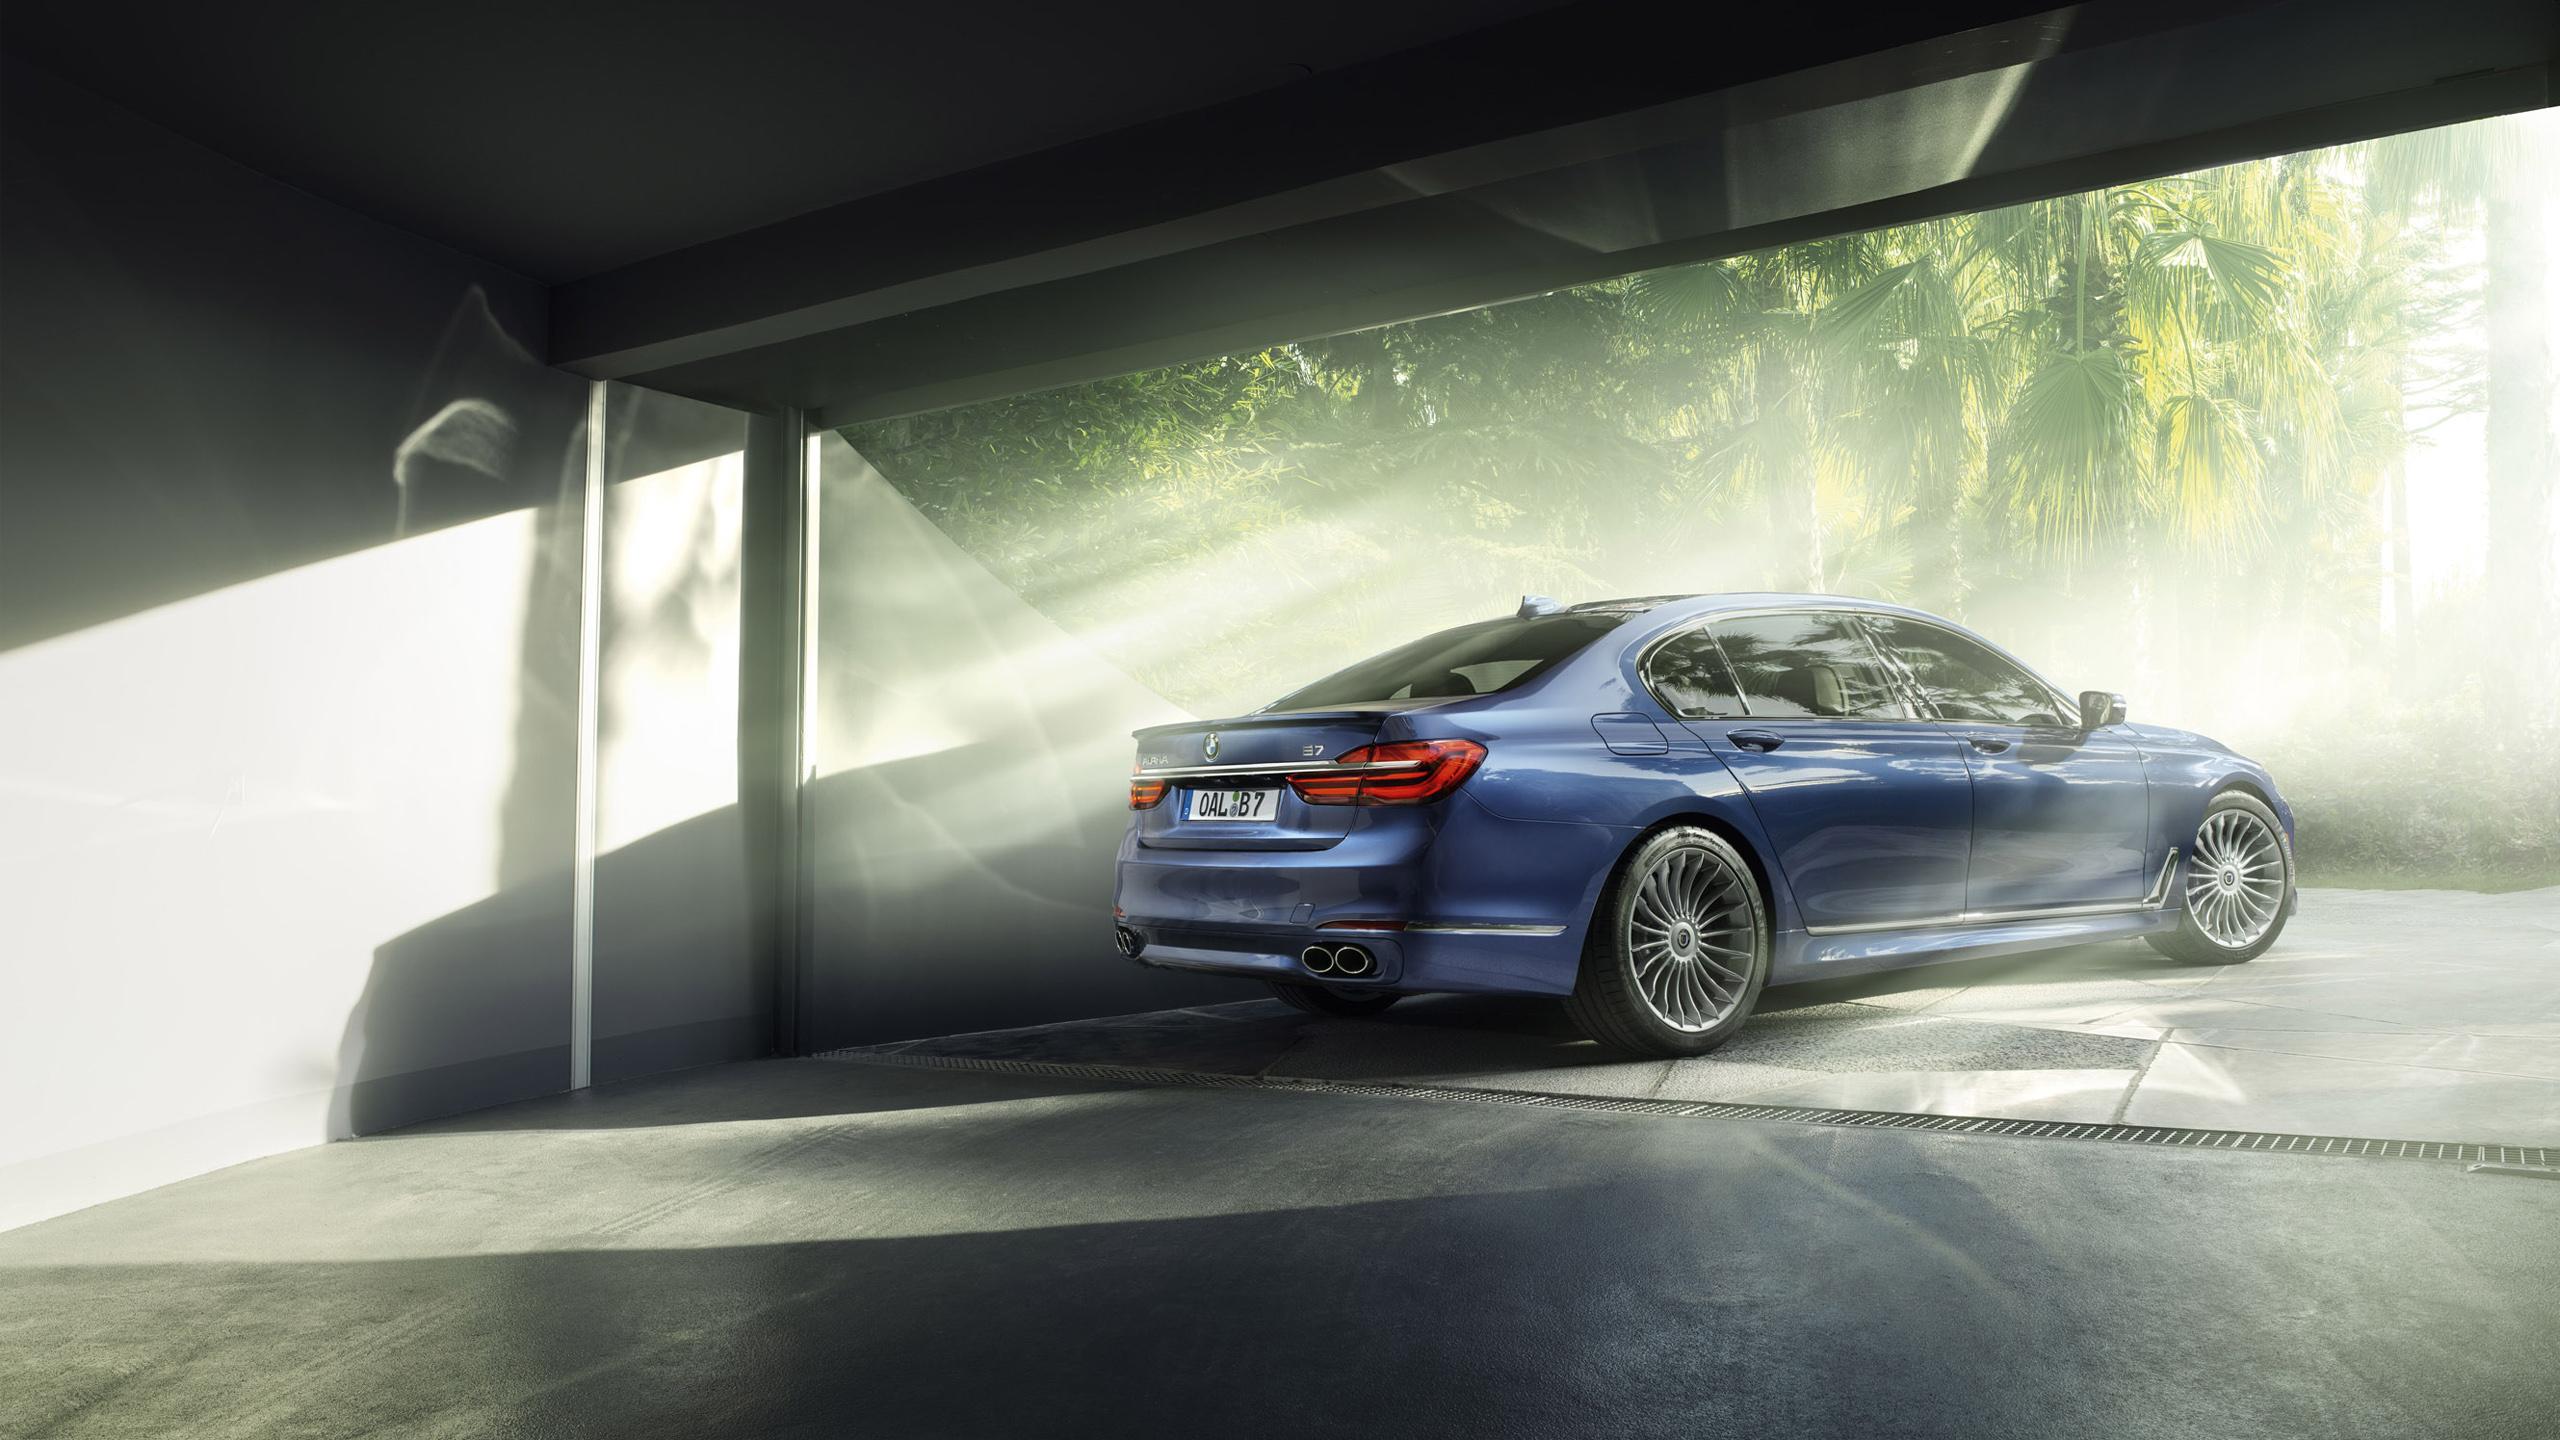 BMW Alpina B XDrive Wallpaper HD Car Wallpapers ID - Alpina b7 xdrive